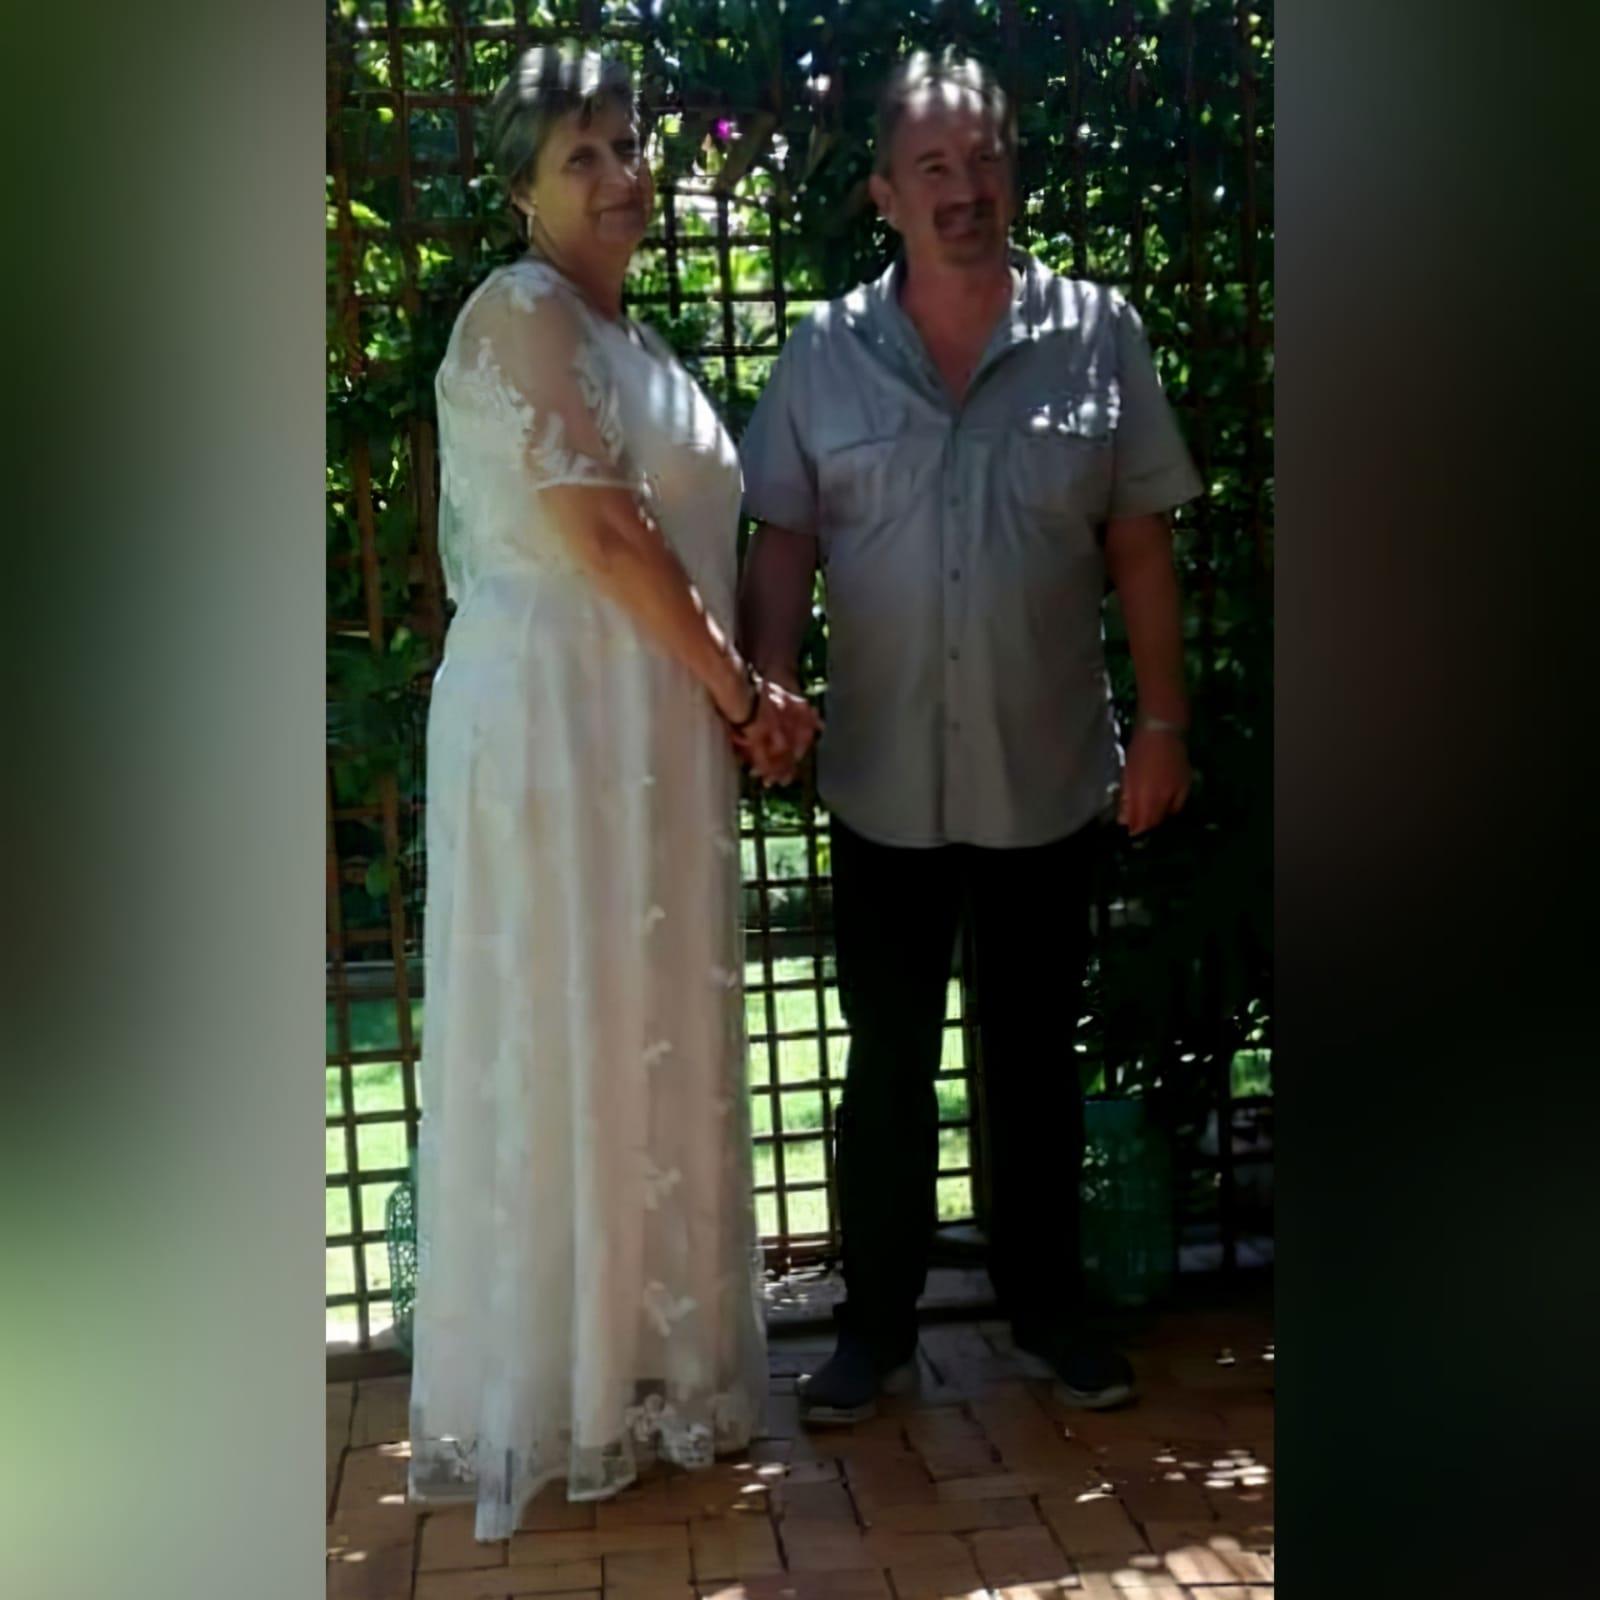 Vestido de casamento é simples e elegante em renda branca 4 vestido de noiva projetado e feito para minha cliente em africa do sul johannesburg. Este vestido de casamento é simples e elegante em renda branca. Com decote em v e mangas largas em forma de sino translúcida.